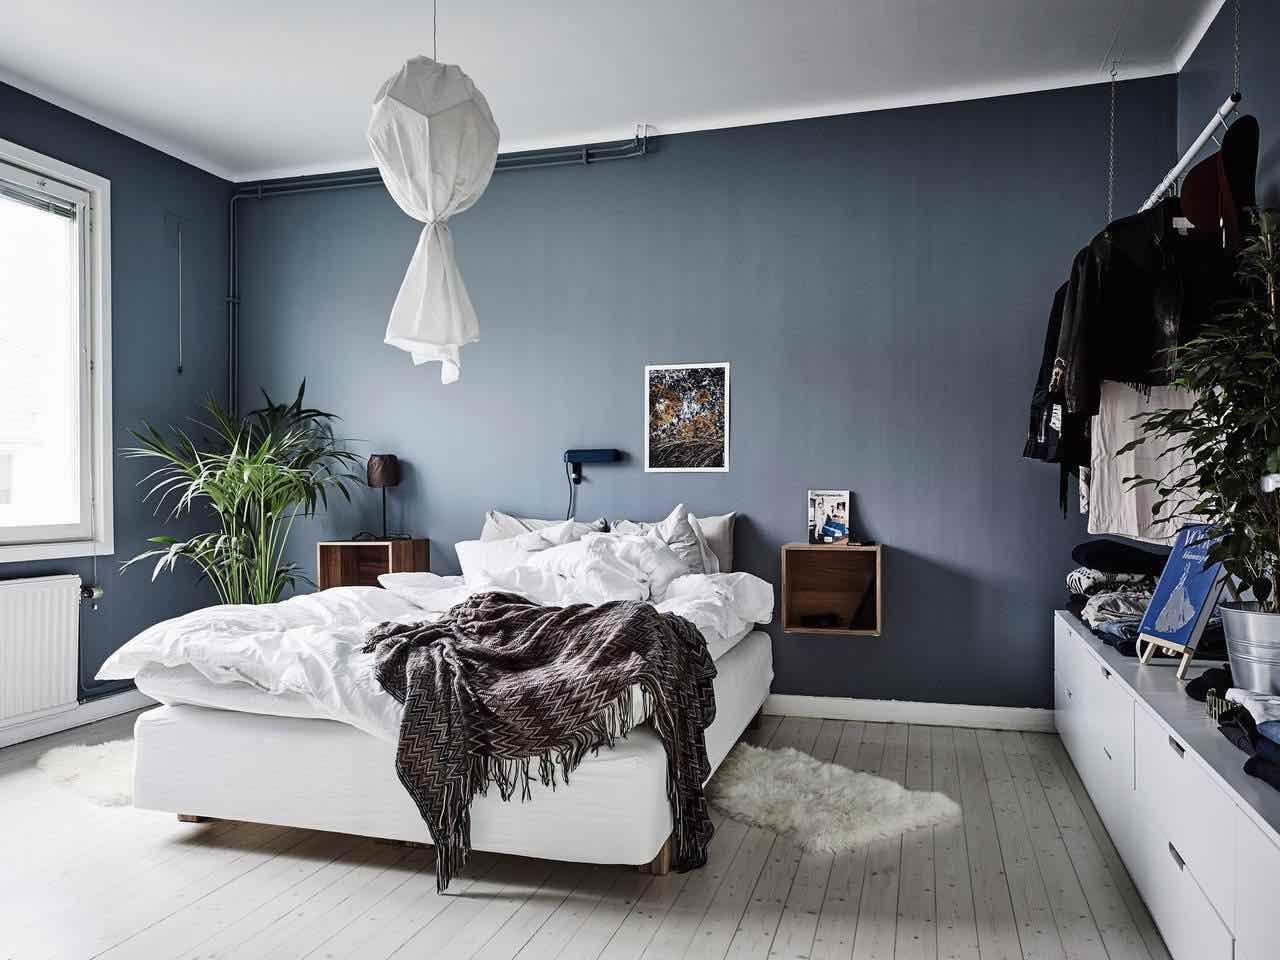 Schlafzimmer Dunkelblau ~ Wandfarbe schlafzimmer hirschgeweih deko kronleuchter holz blau